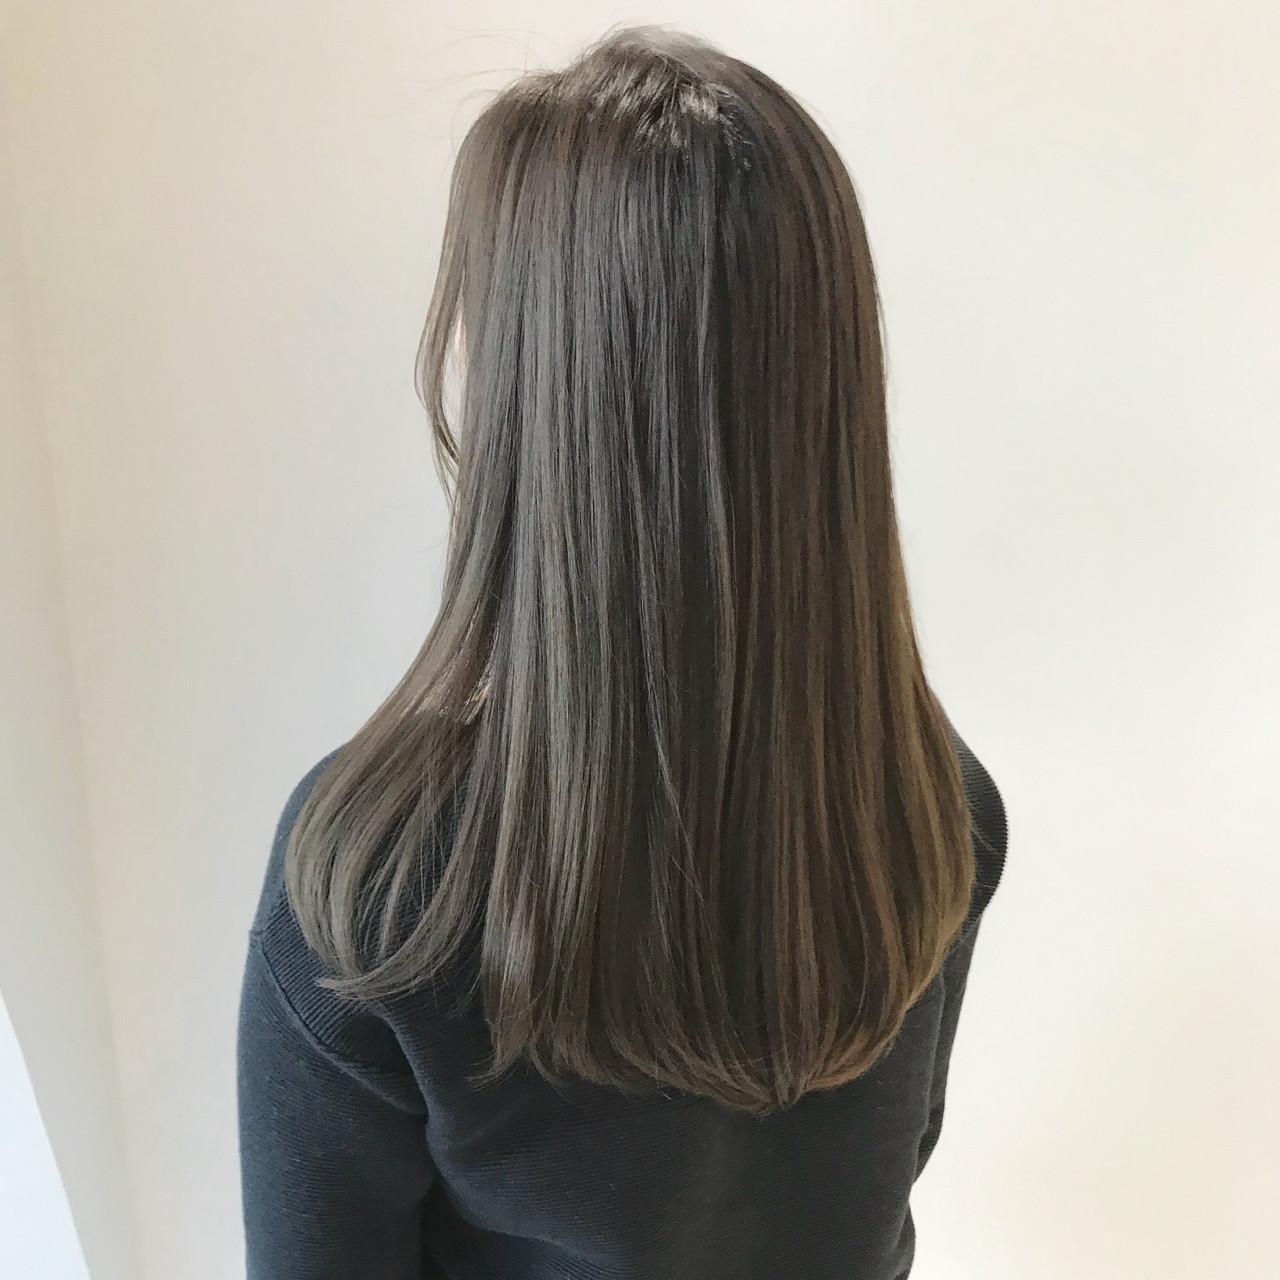 ナチュラル アッシュグレージュ グレージュ セミロング ヘアスタイルや髪型の写真・画像 | SHUN / Cocoon 銀座